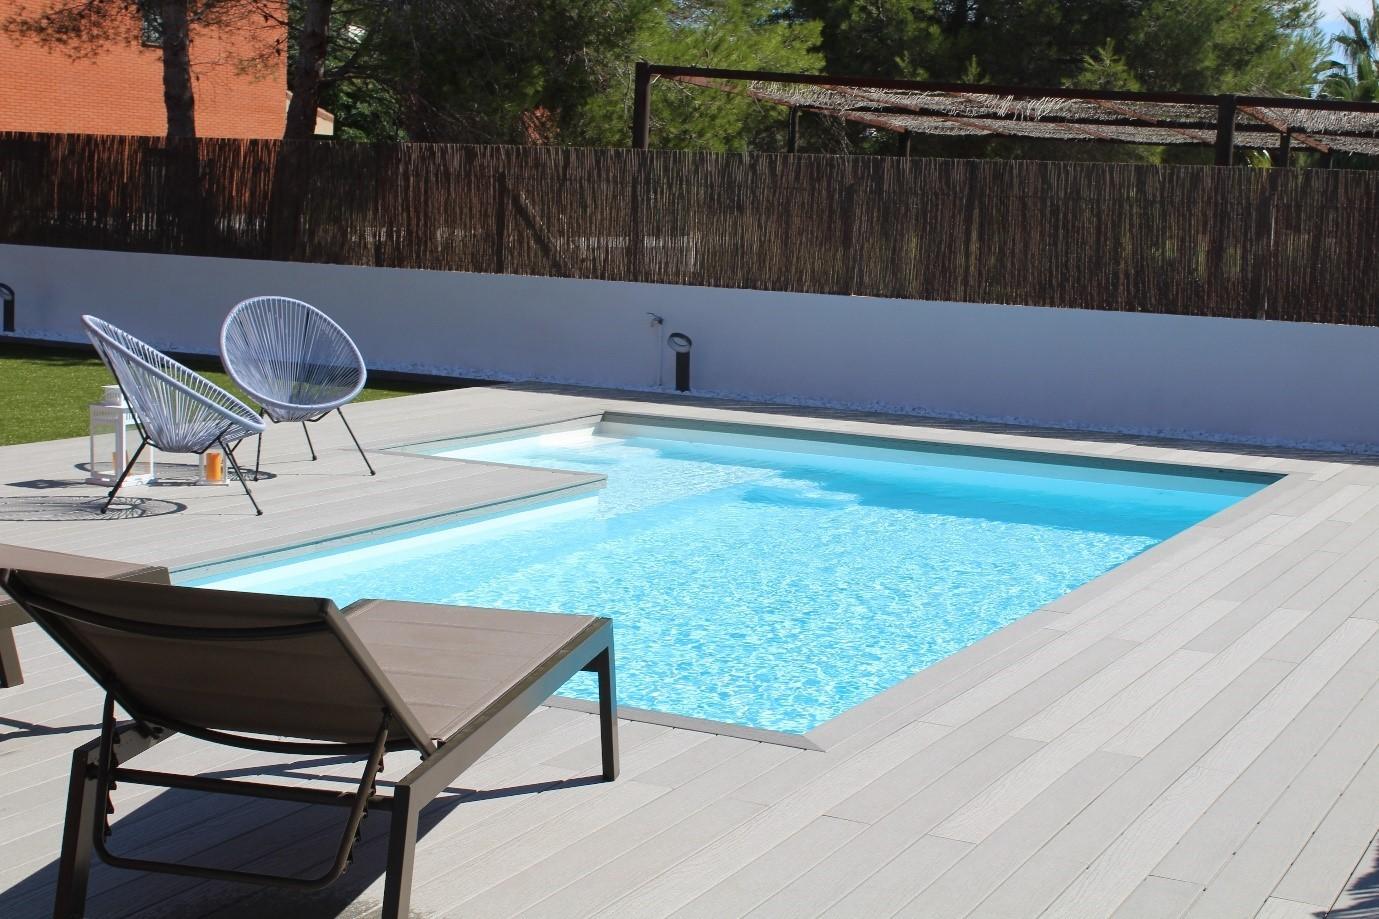 piscina-fuga-agua-arreglo